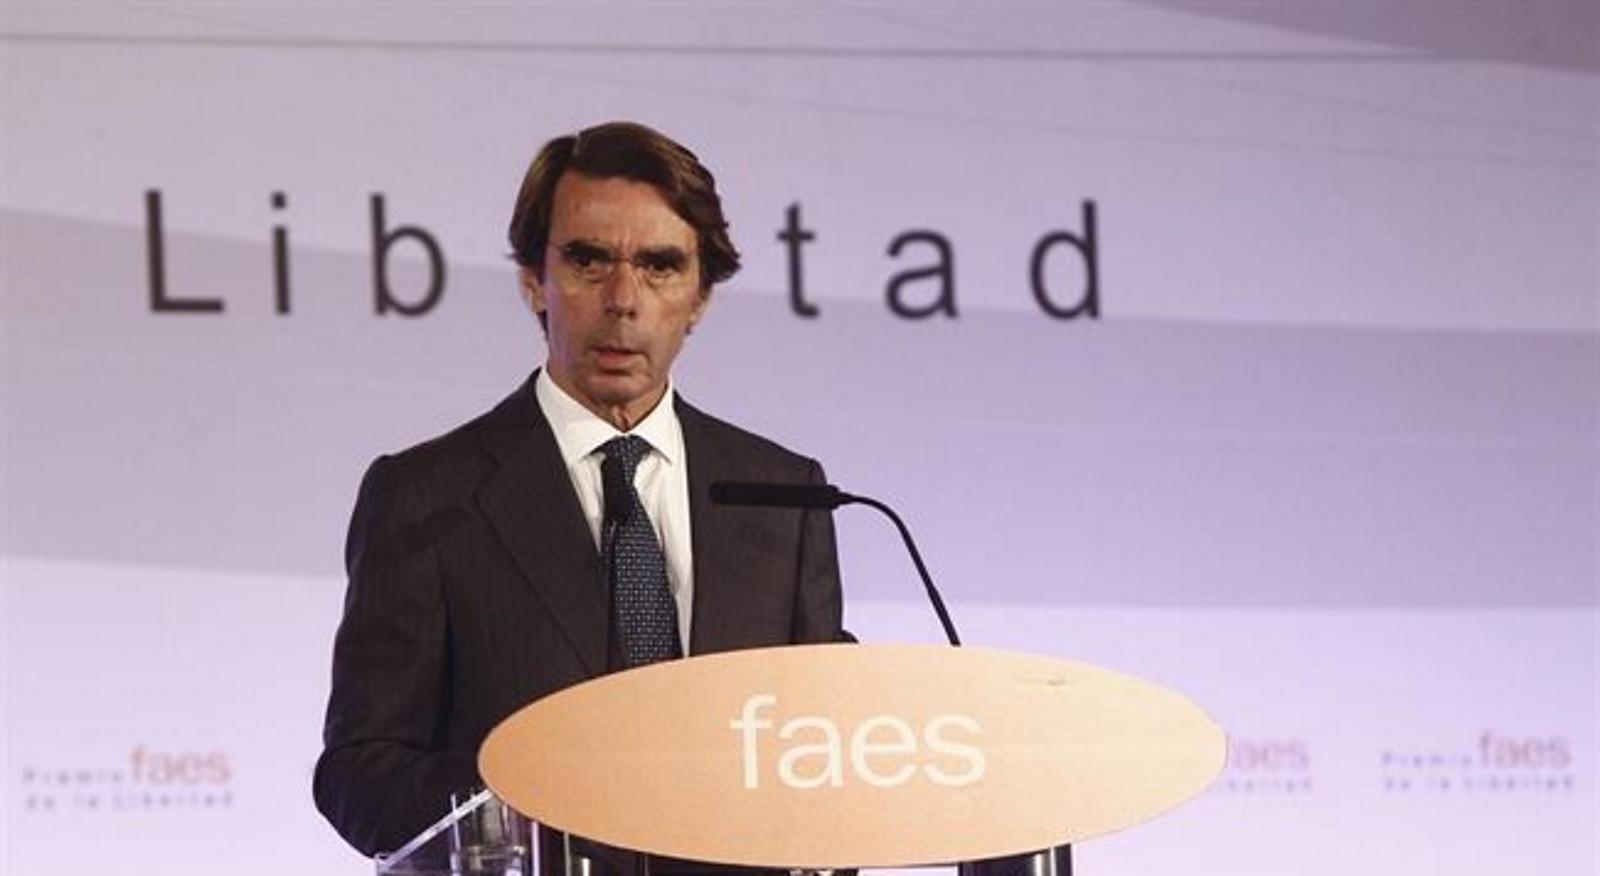 """Aznar se olvida del Regidor del PP que vota Sí a moción separatista y pide a Rajoy no ceder al """"órdago"""" separatista"""